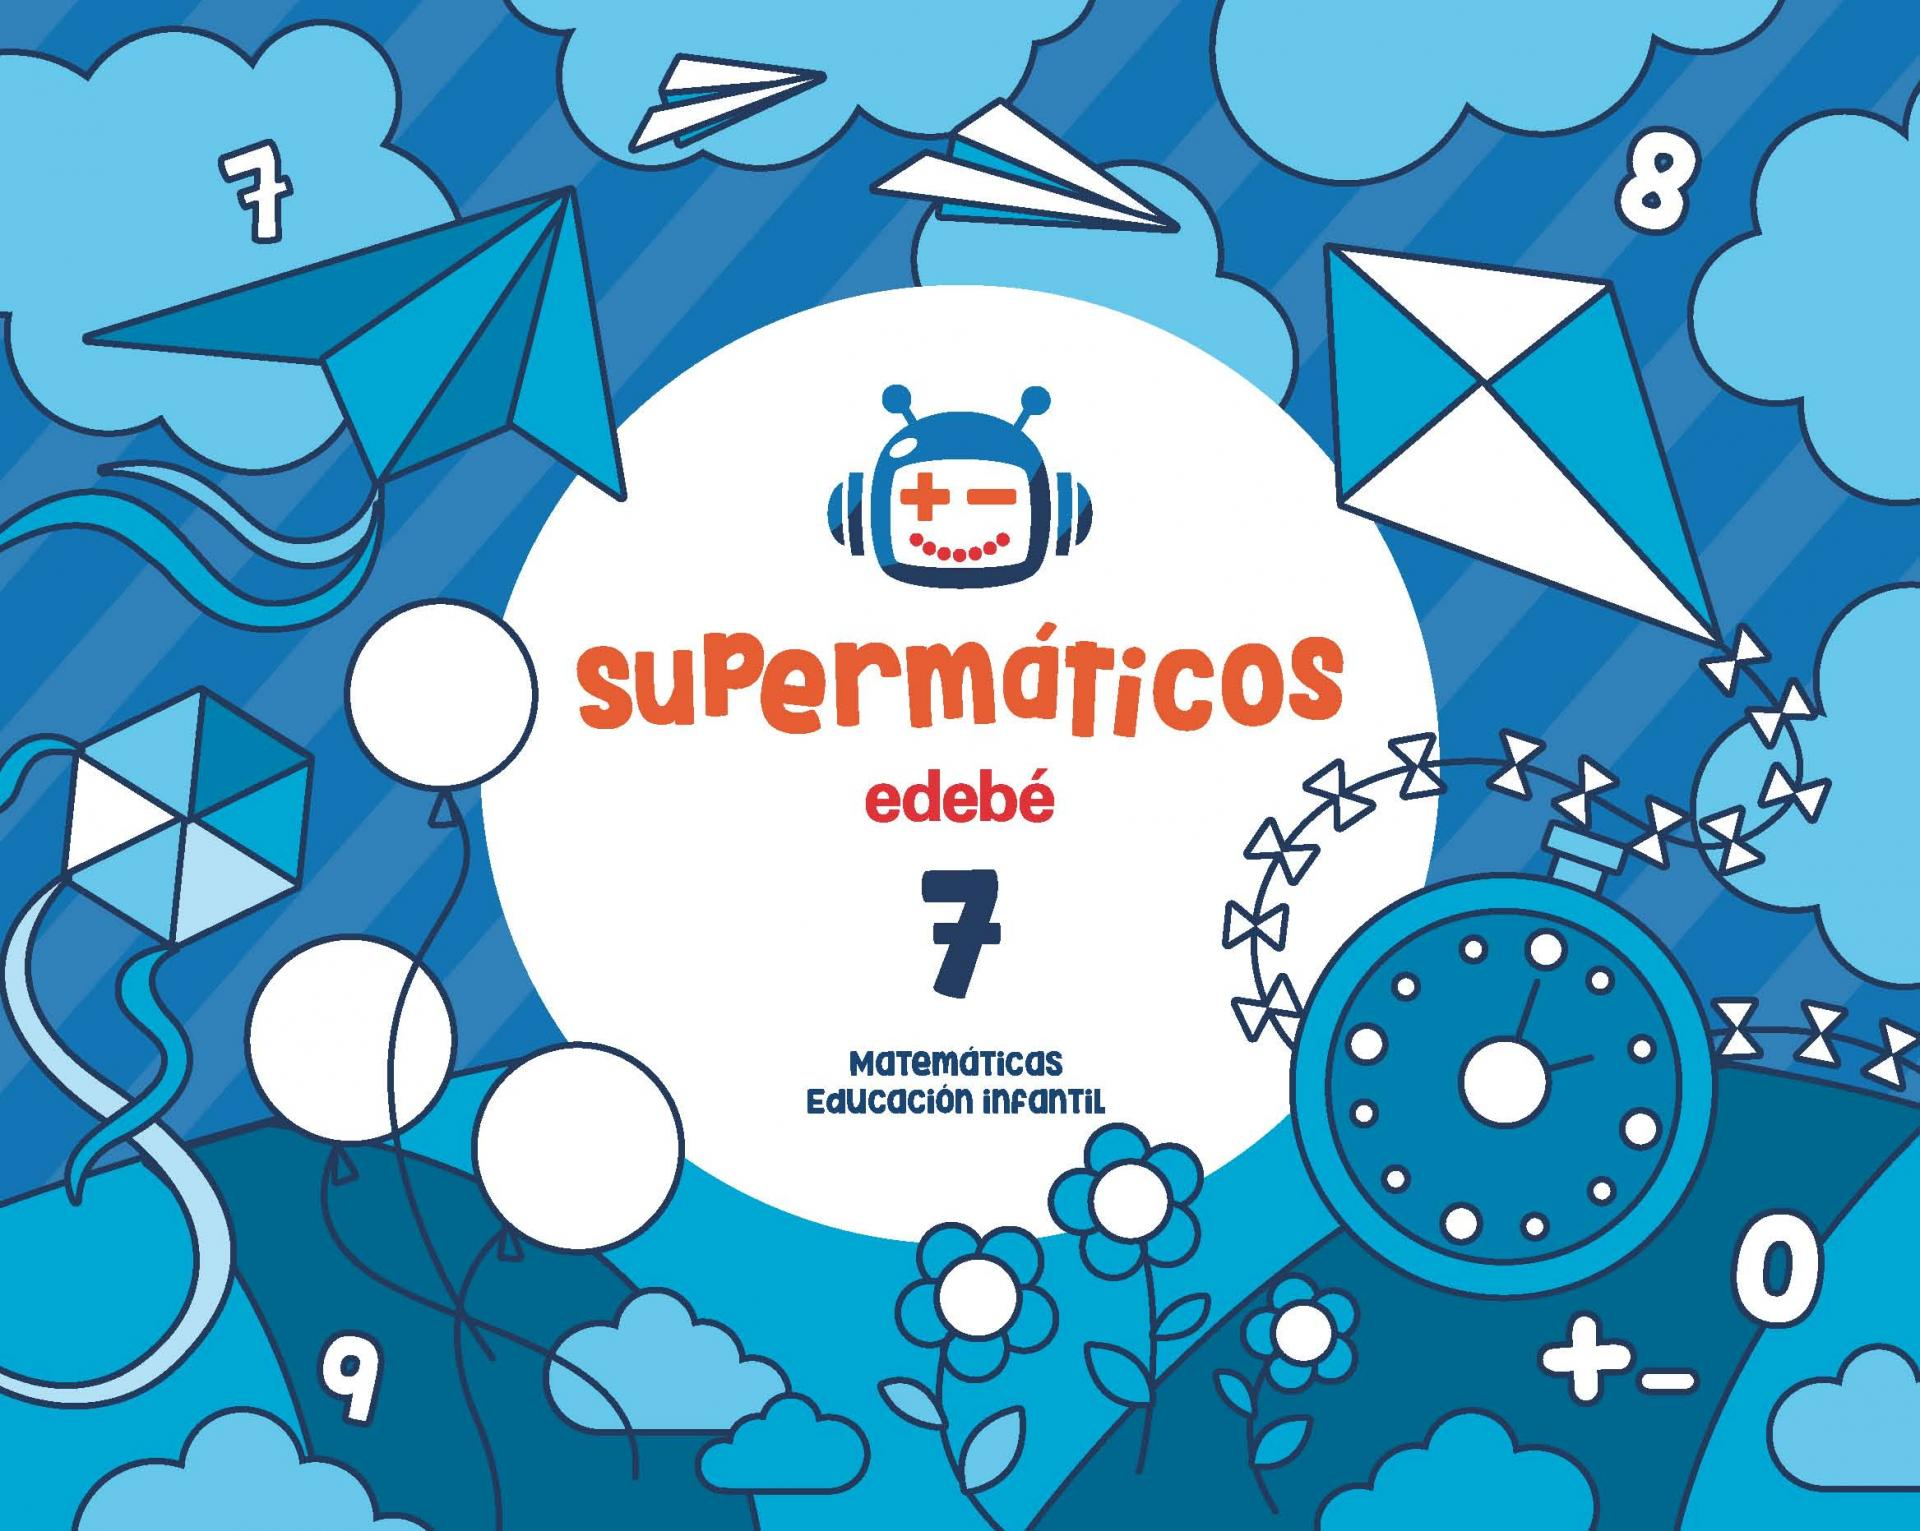 LIBRO DE TEXTO - 3 INFANTIL SUPERMATEMÁTICOS CUADERNO 7. 5 AÑOS